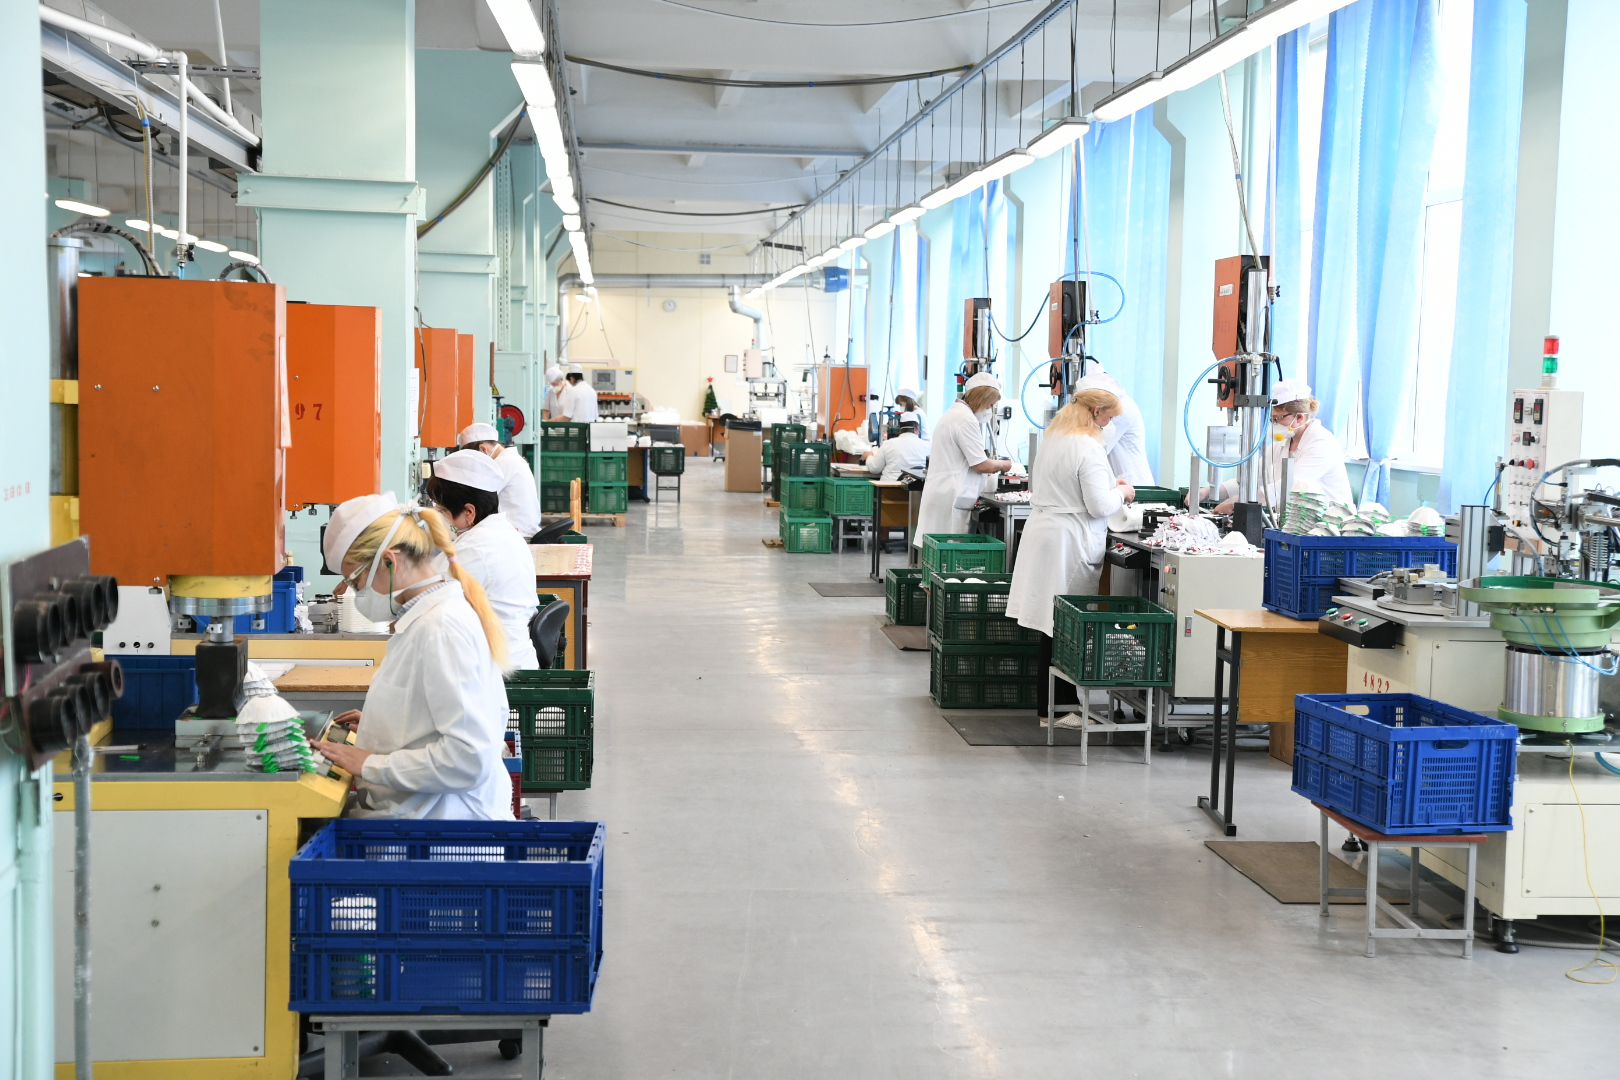 В Тверской области запустили новое производство медицинских масок - новости Афанасий